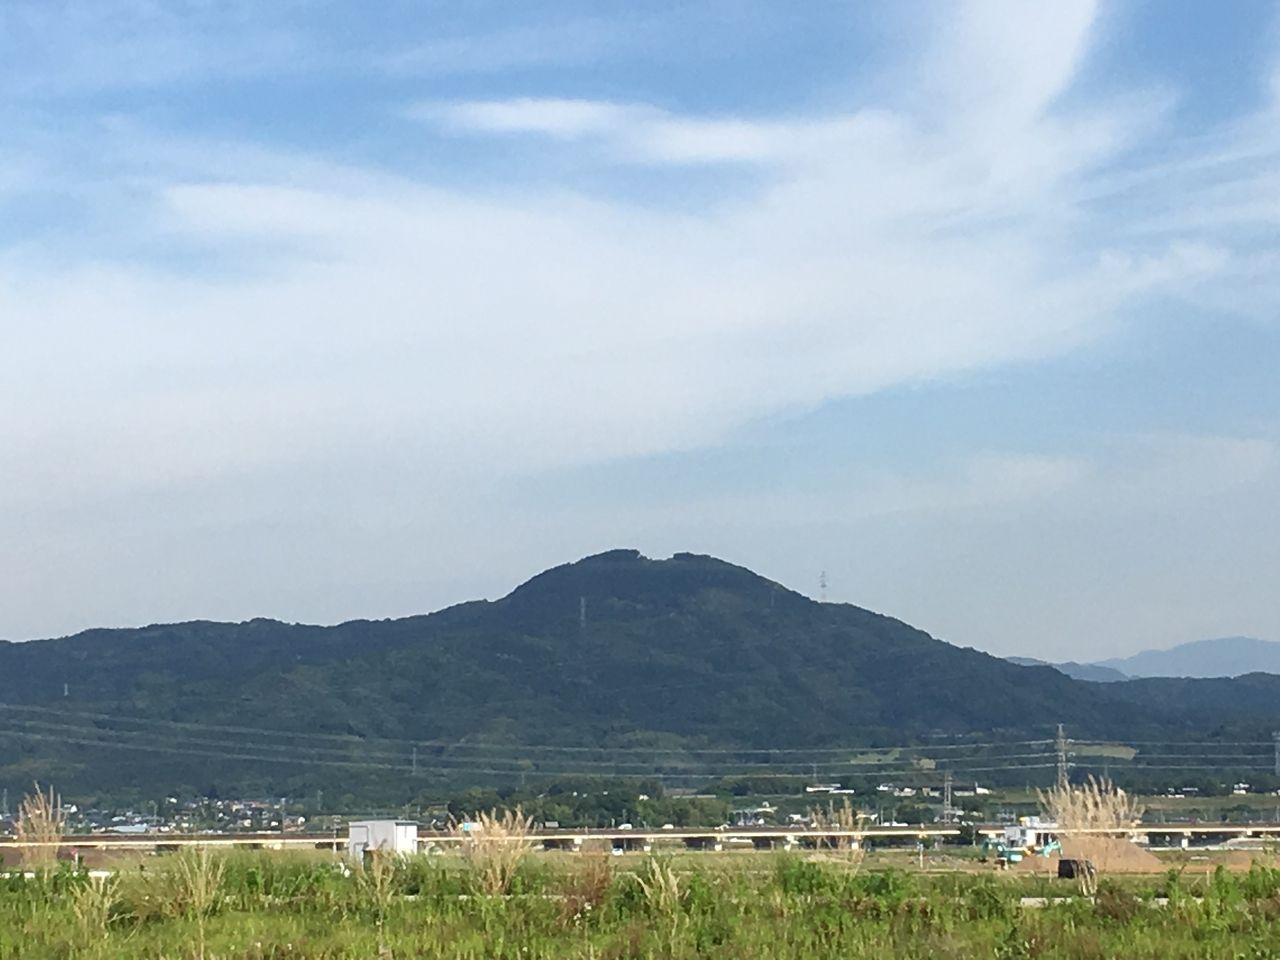 秋津川をはさんで昔日の面影が残る風景